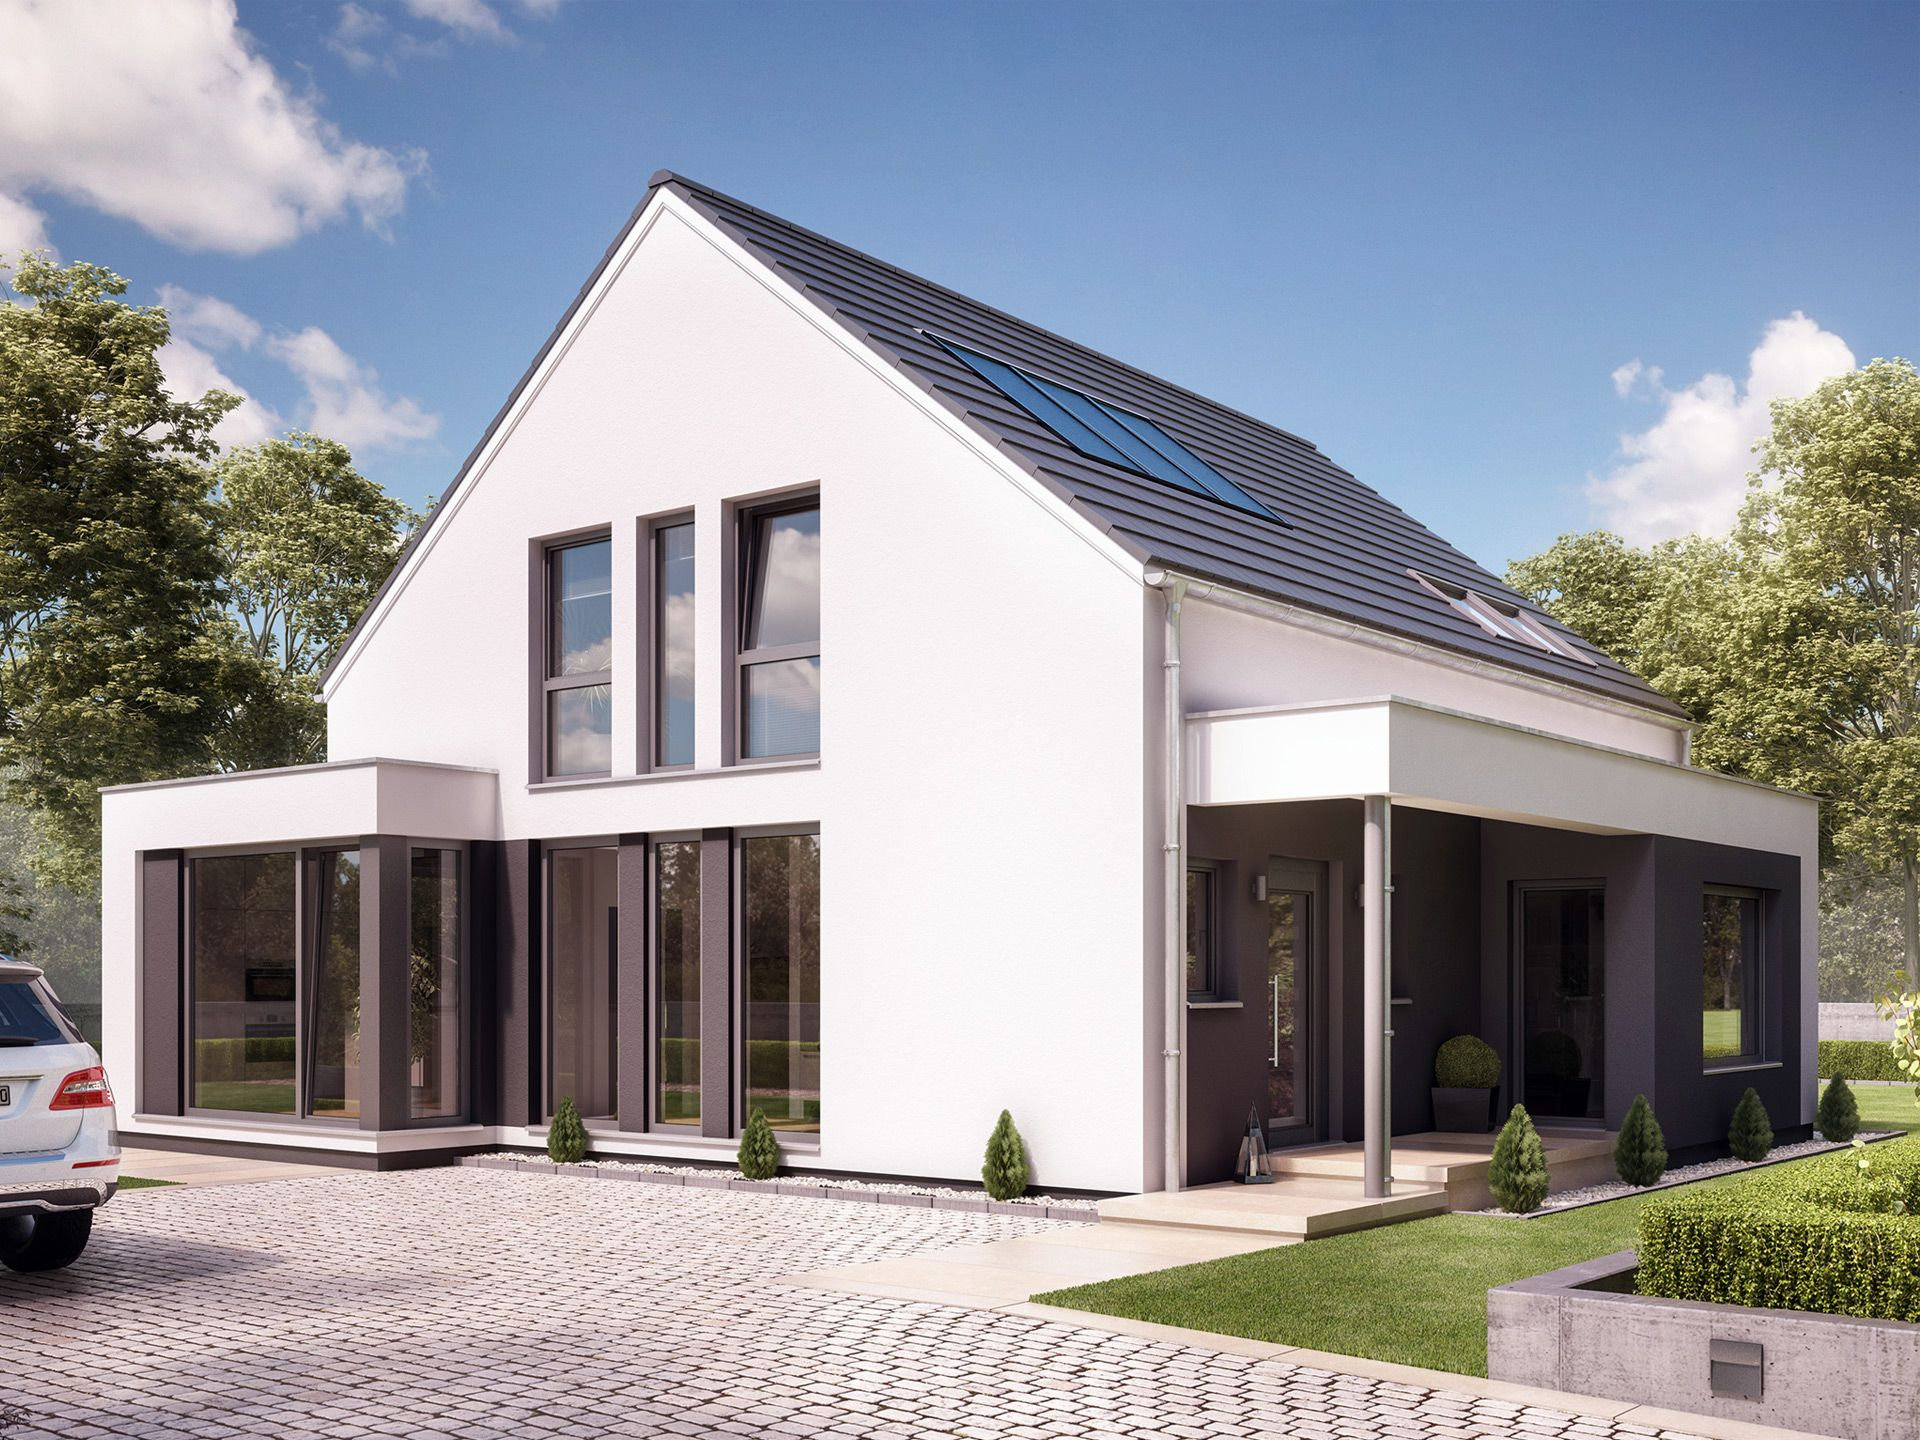 Haus bauen modern satteldach  Fantastic 163 V2 • Einfamilienhaus von Bien-Zenker • Modernes ...